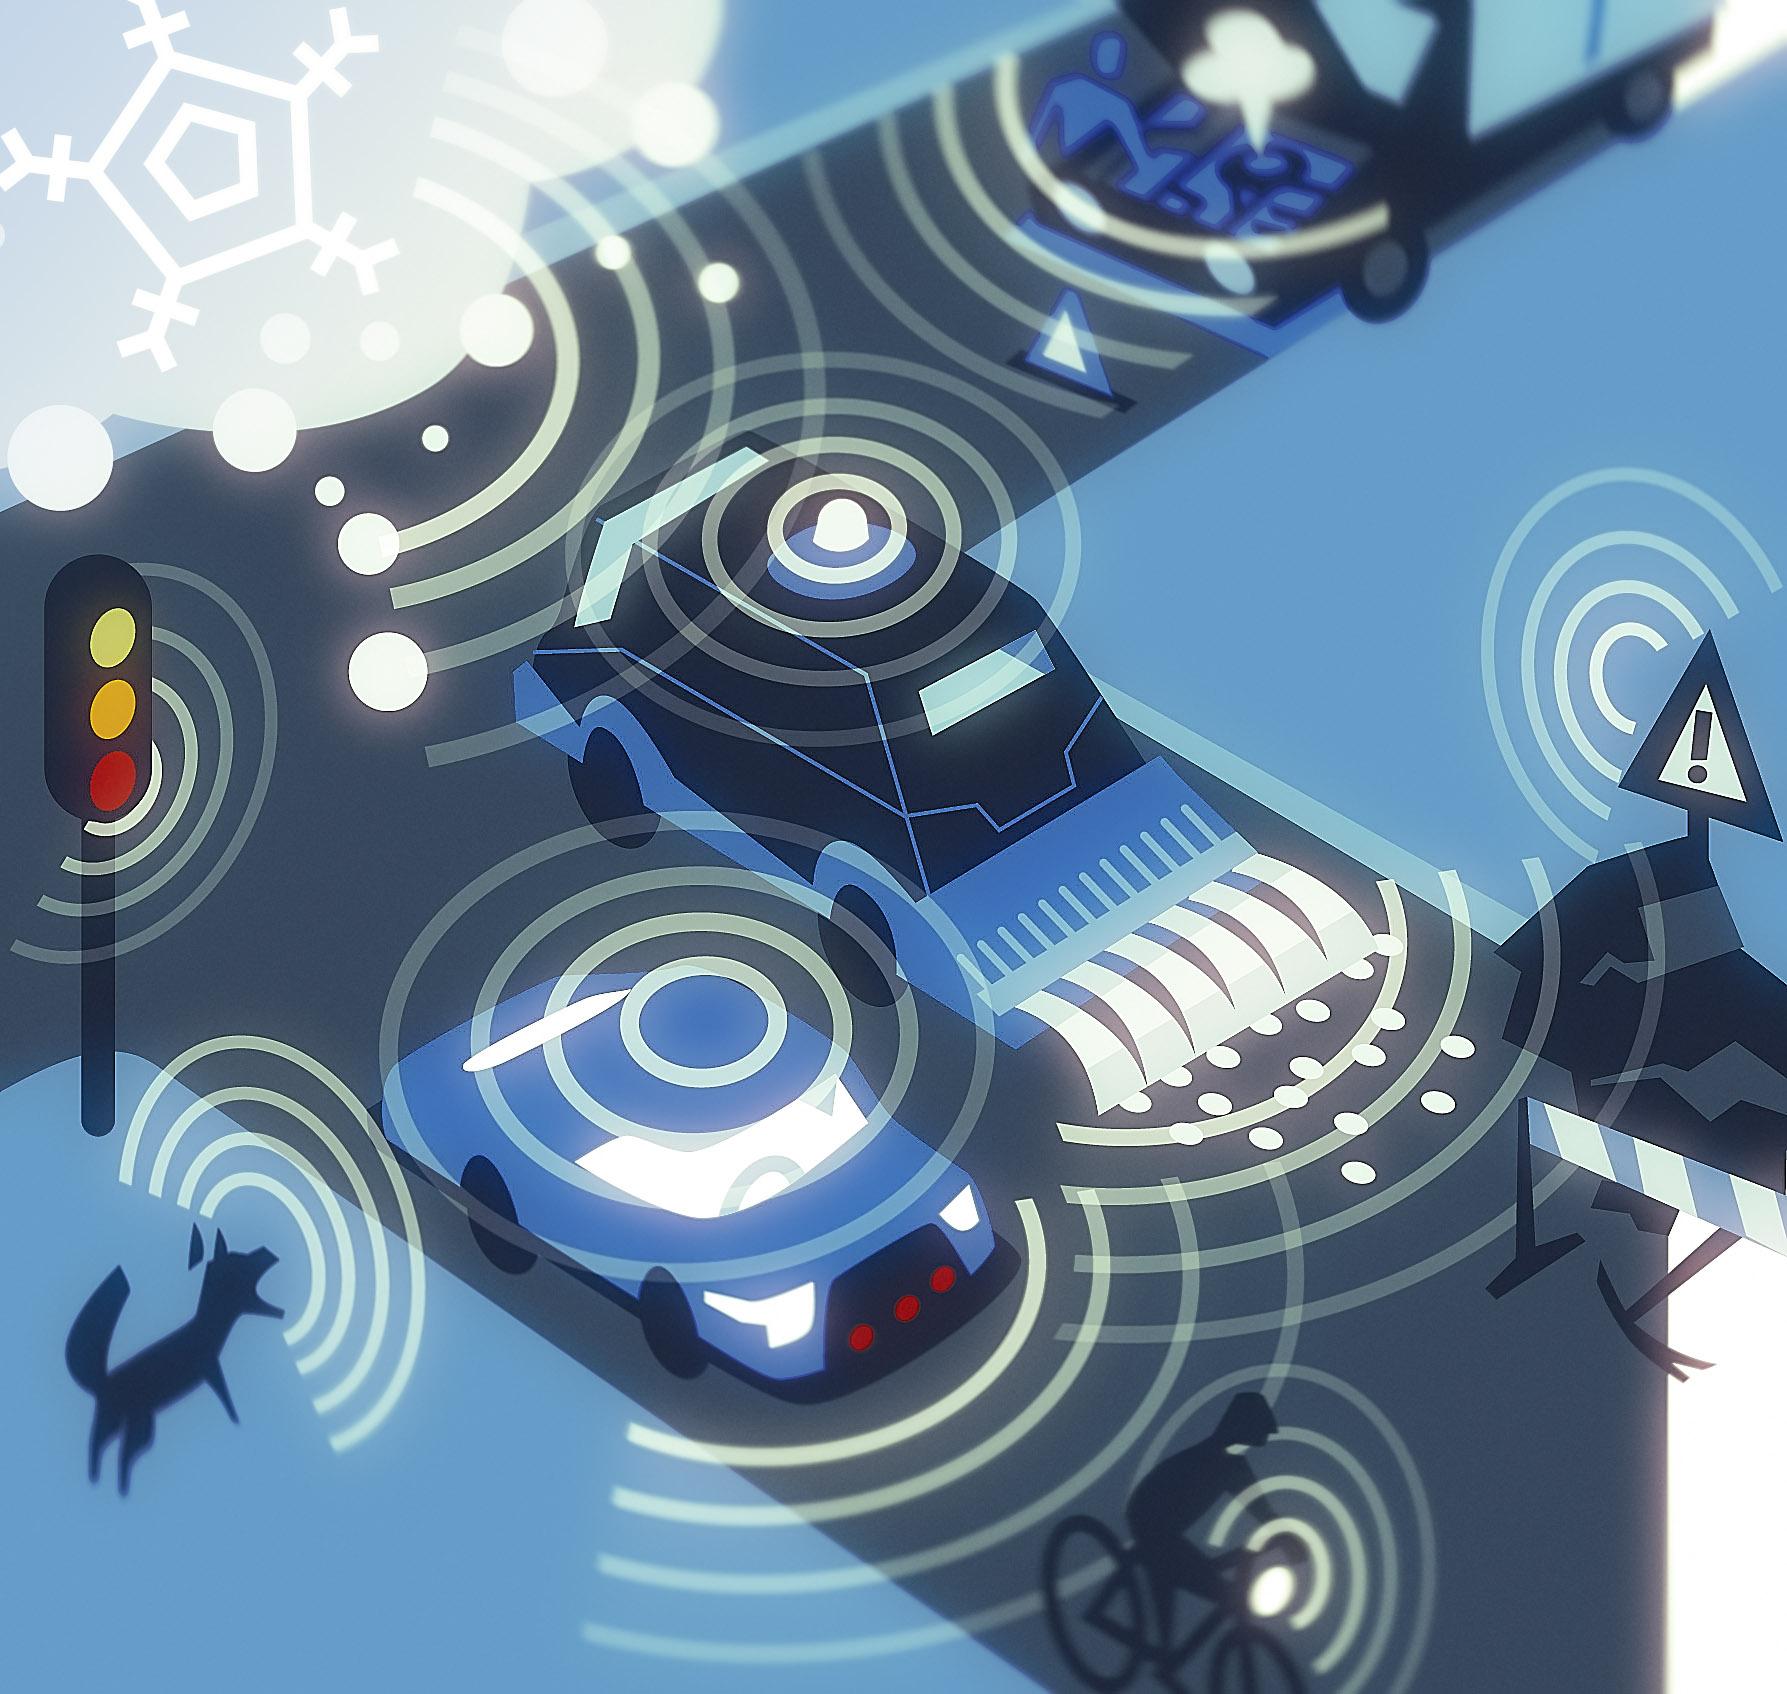 Vehicle to everything Communication Technology market